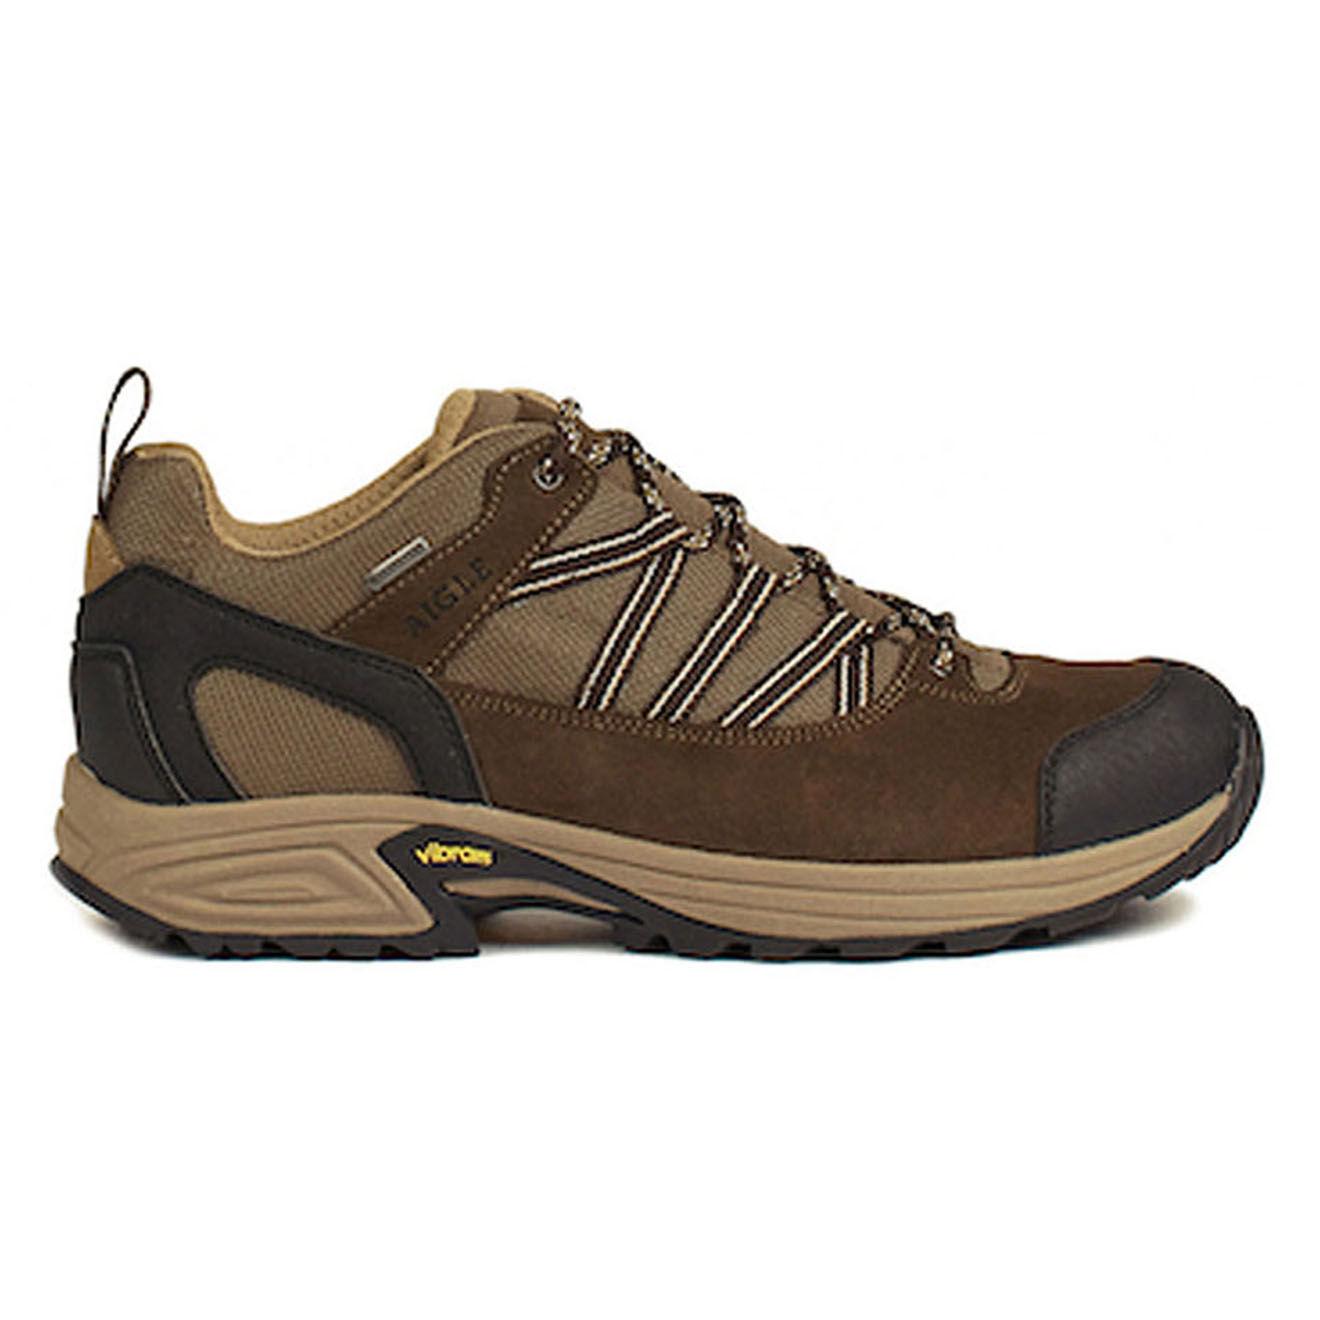 Chaussures basses en Cuir & Textile Mooven Low Gtx marron foncé/beige - Aigle - Modalova